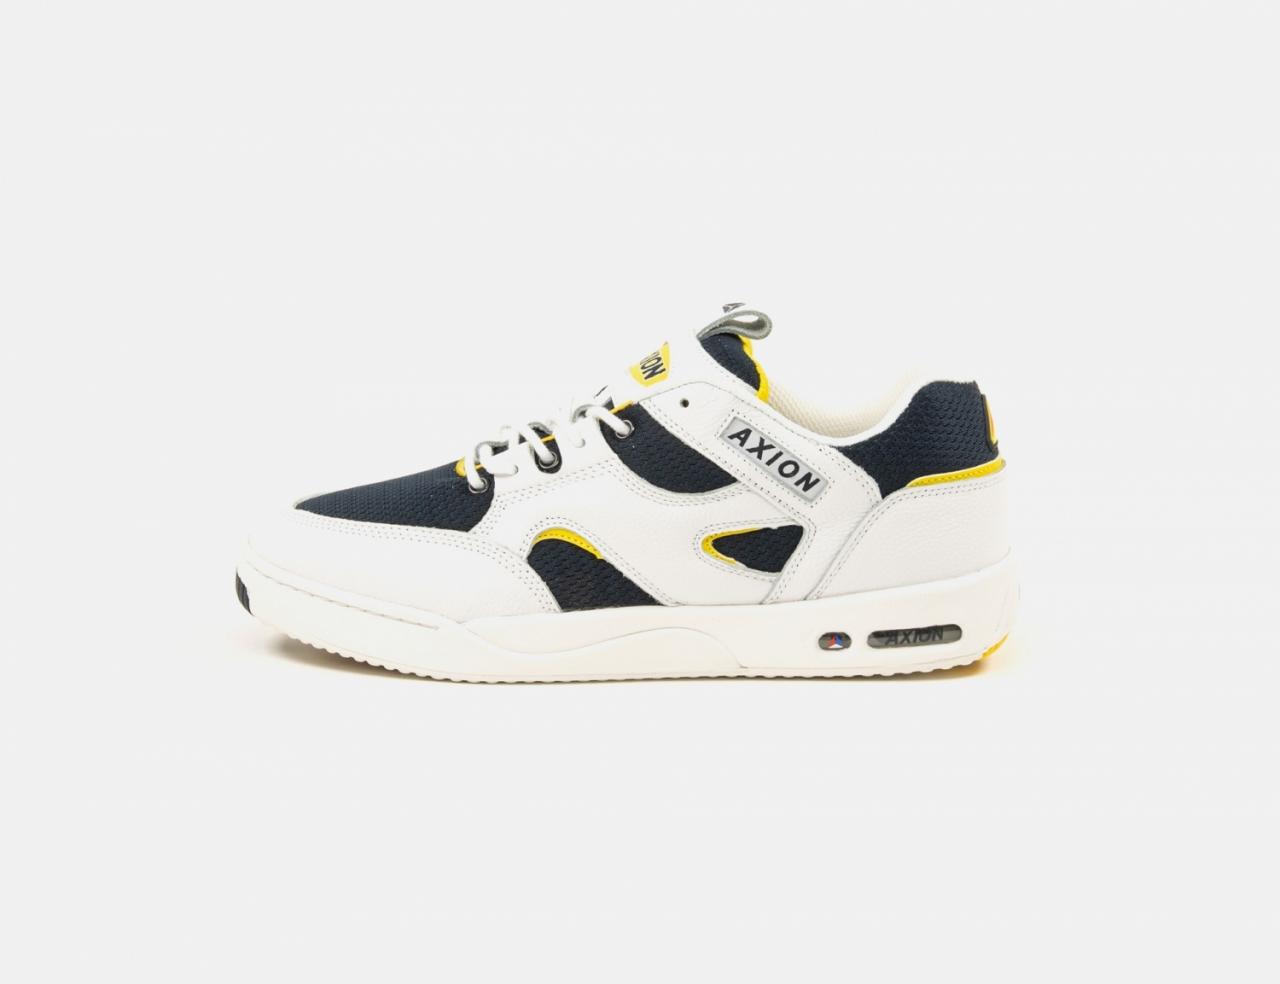 Axion Footwear Genesis OG Sneaker - White / Navy / Yellow